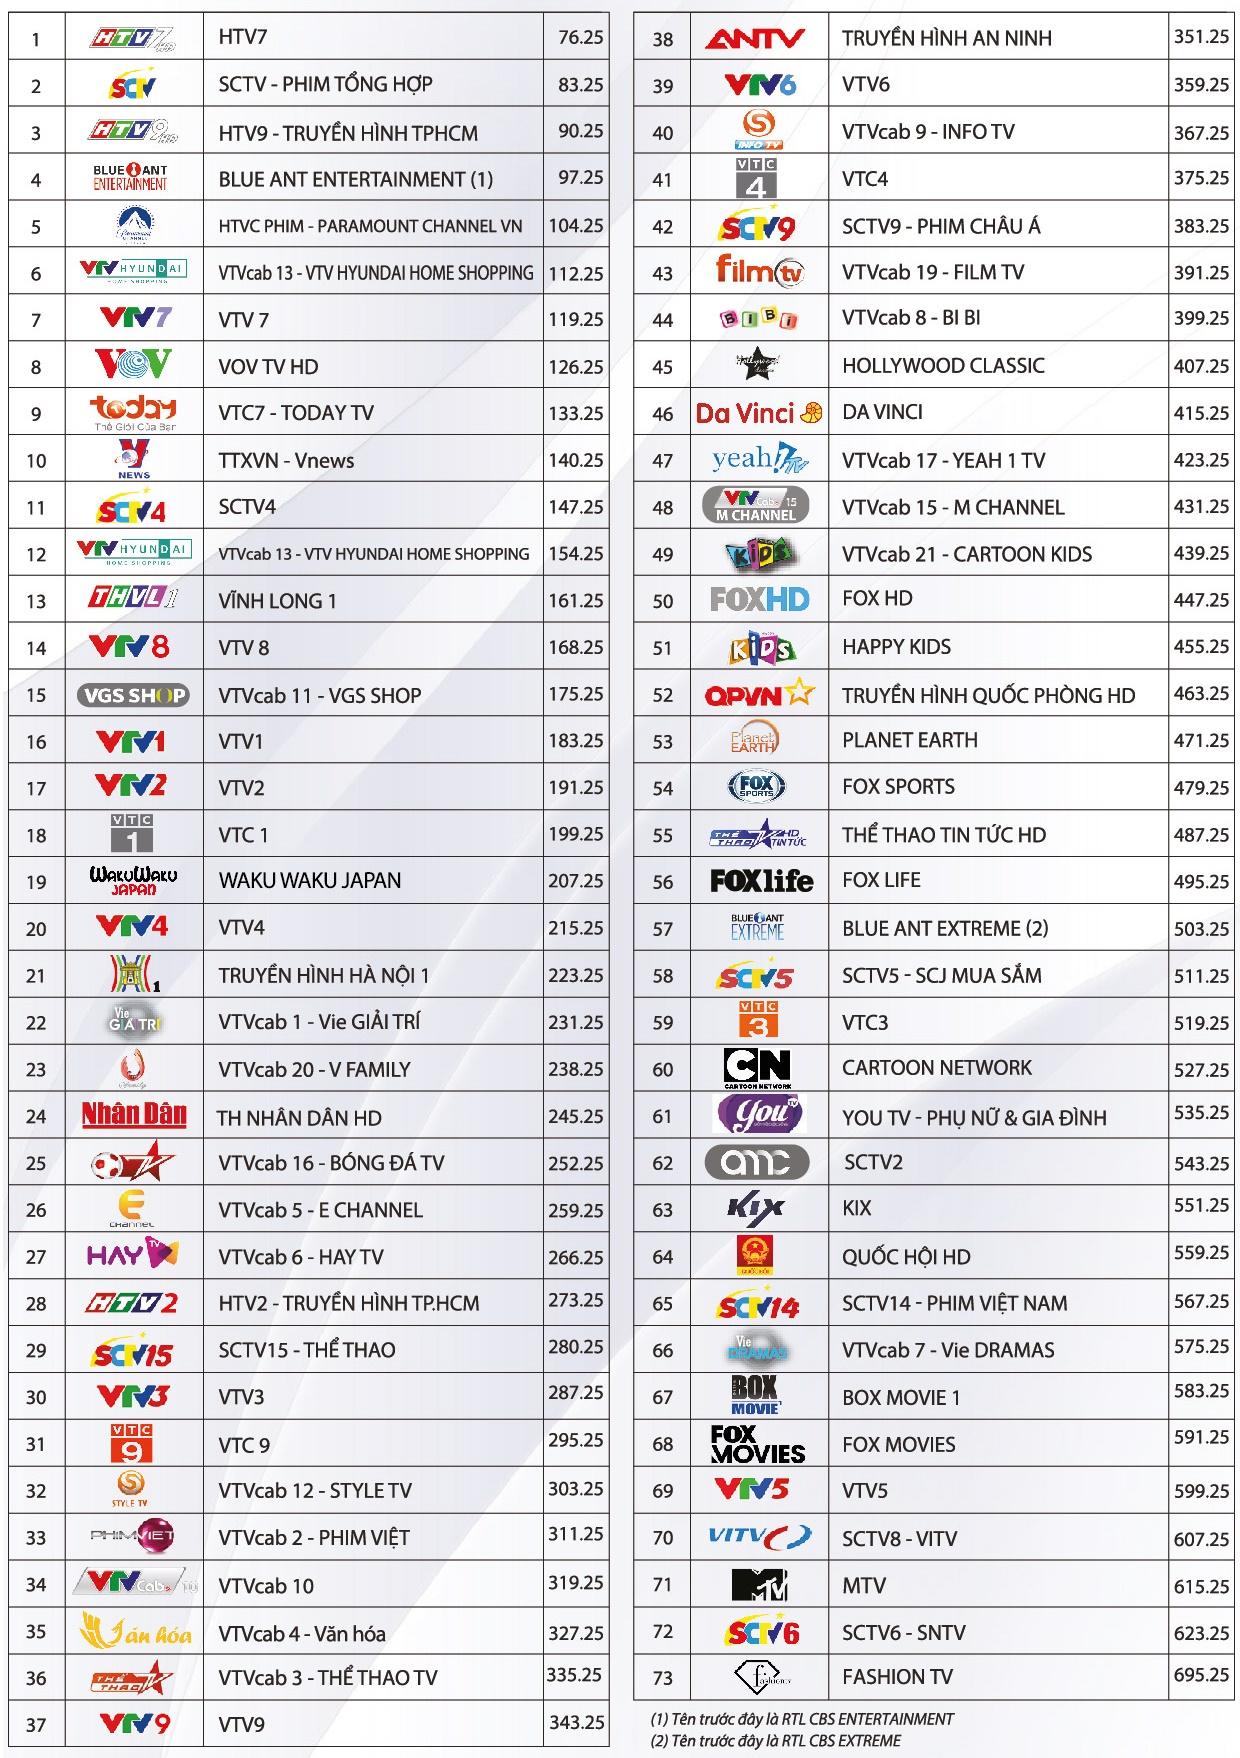 Danh sách kênh truyền hình cáp cơ bản của VTVCab tại Khánh Hòa